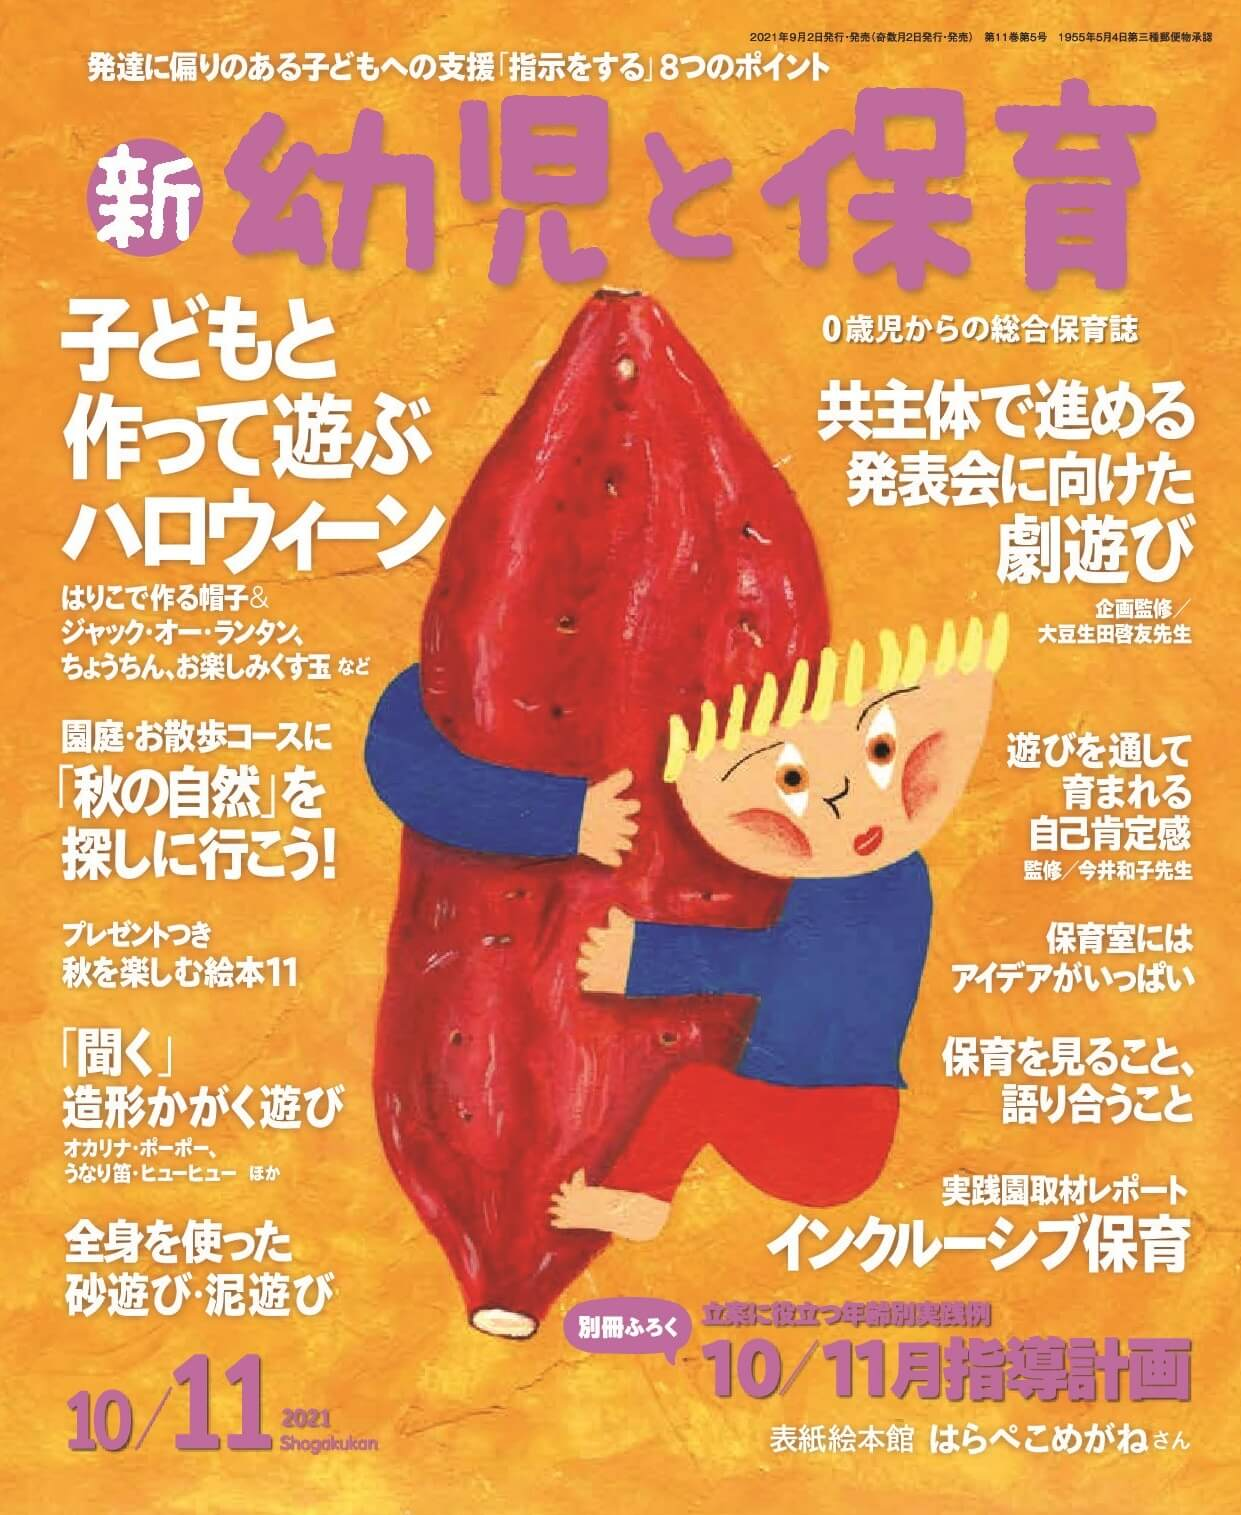 太陽の子赤坂保育園が小学館「新 幼児と保育 10月・11月号」の「保育室にはアイデアがいっぱい」に掲載